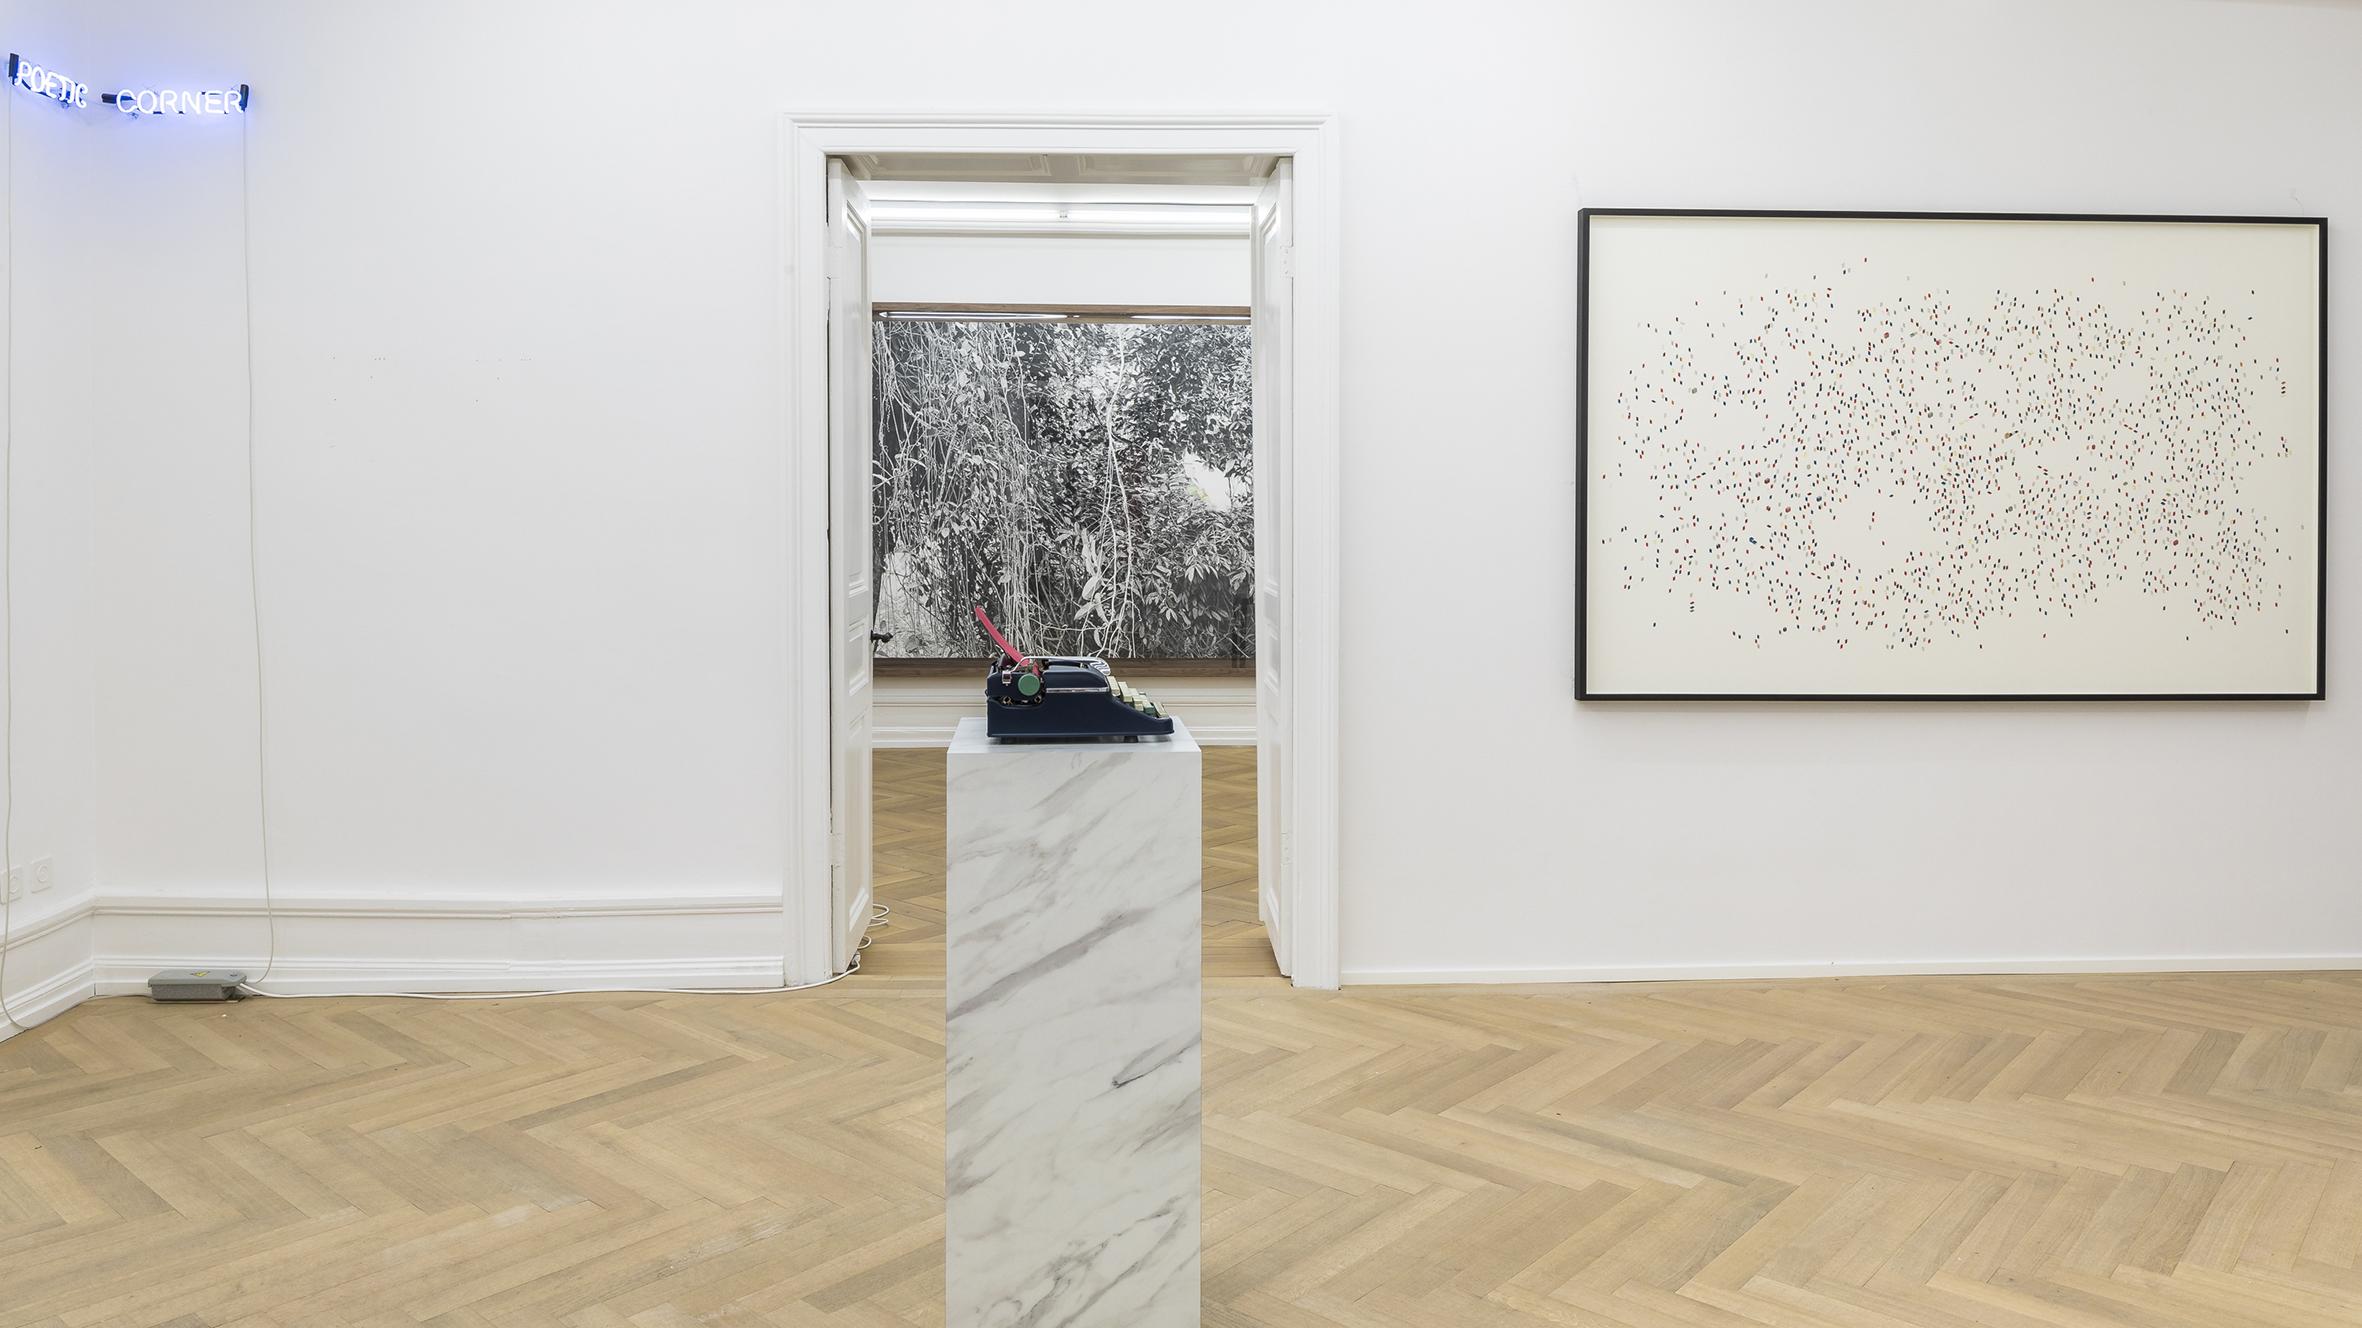 Poetic Corner , 2019  Neón / Neon  2 piezas de 28.5 x 6.5 cm y 34.5 x 6.5 cm / 2 pieces of 28.5 x 6.5 cm and 34.5 x 6.5 cm  ***   Pausa II (Roja) / Pause II (Red)  , 2019  máquina de escribir, mármol / typewriter, marble  110 x 45 x 40 cm  Fotografía cortesía de Mai 36 Gallery